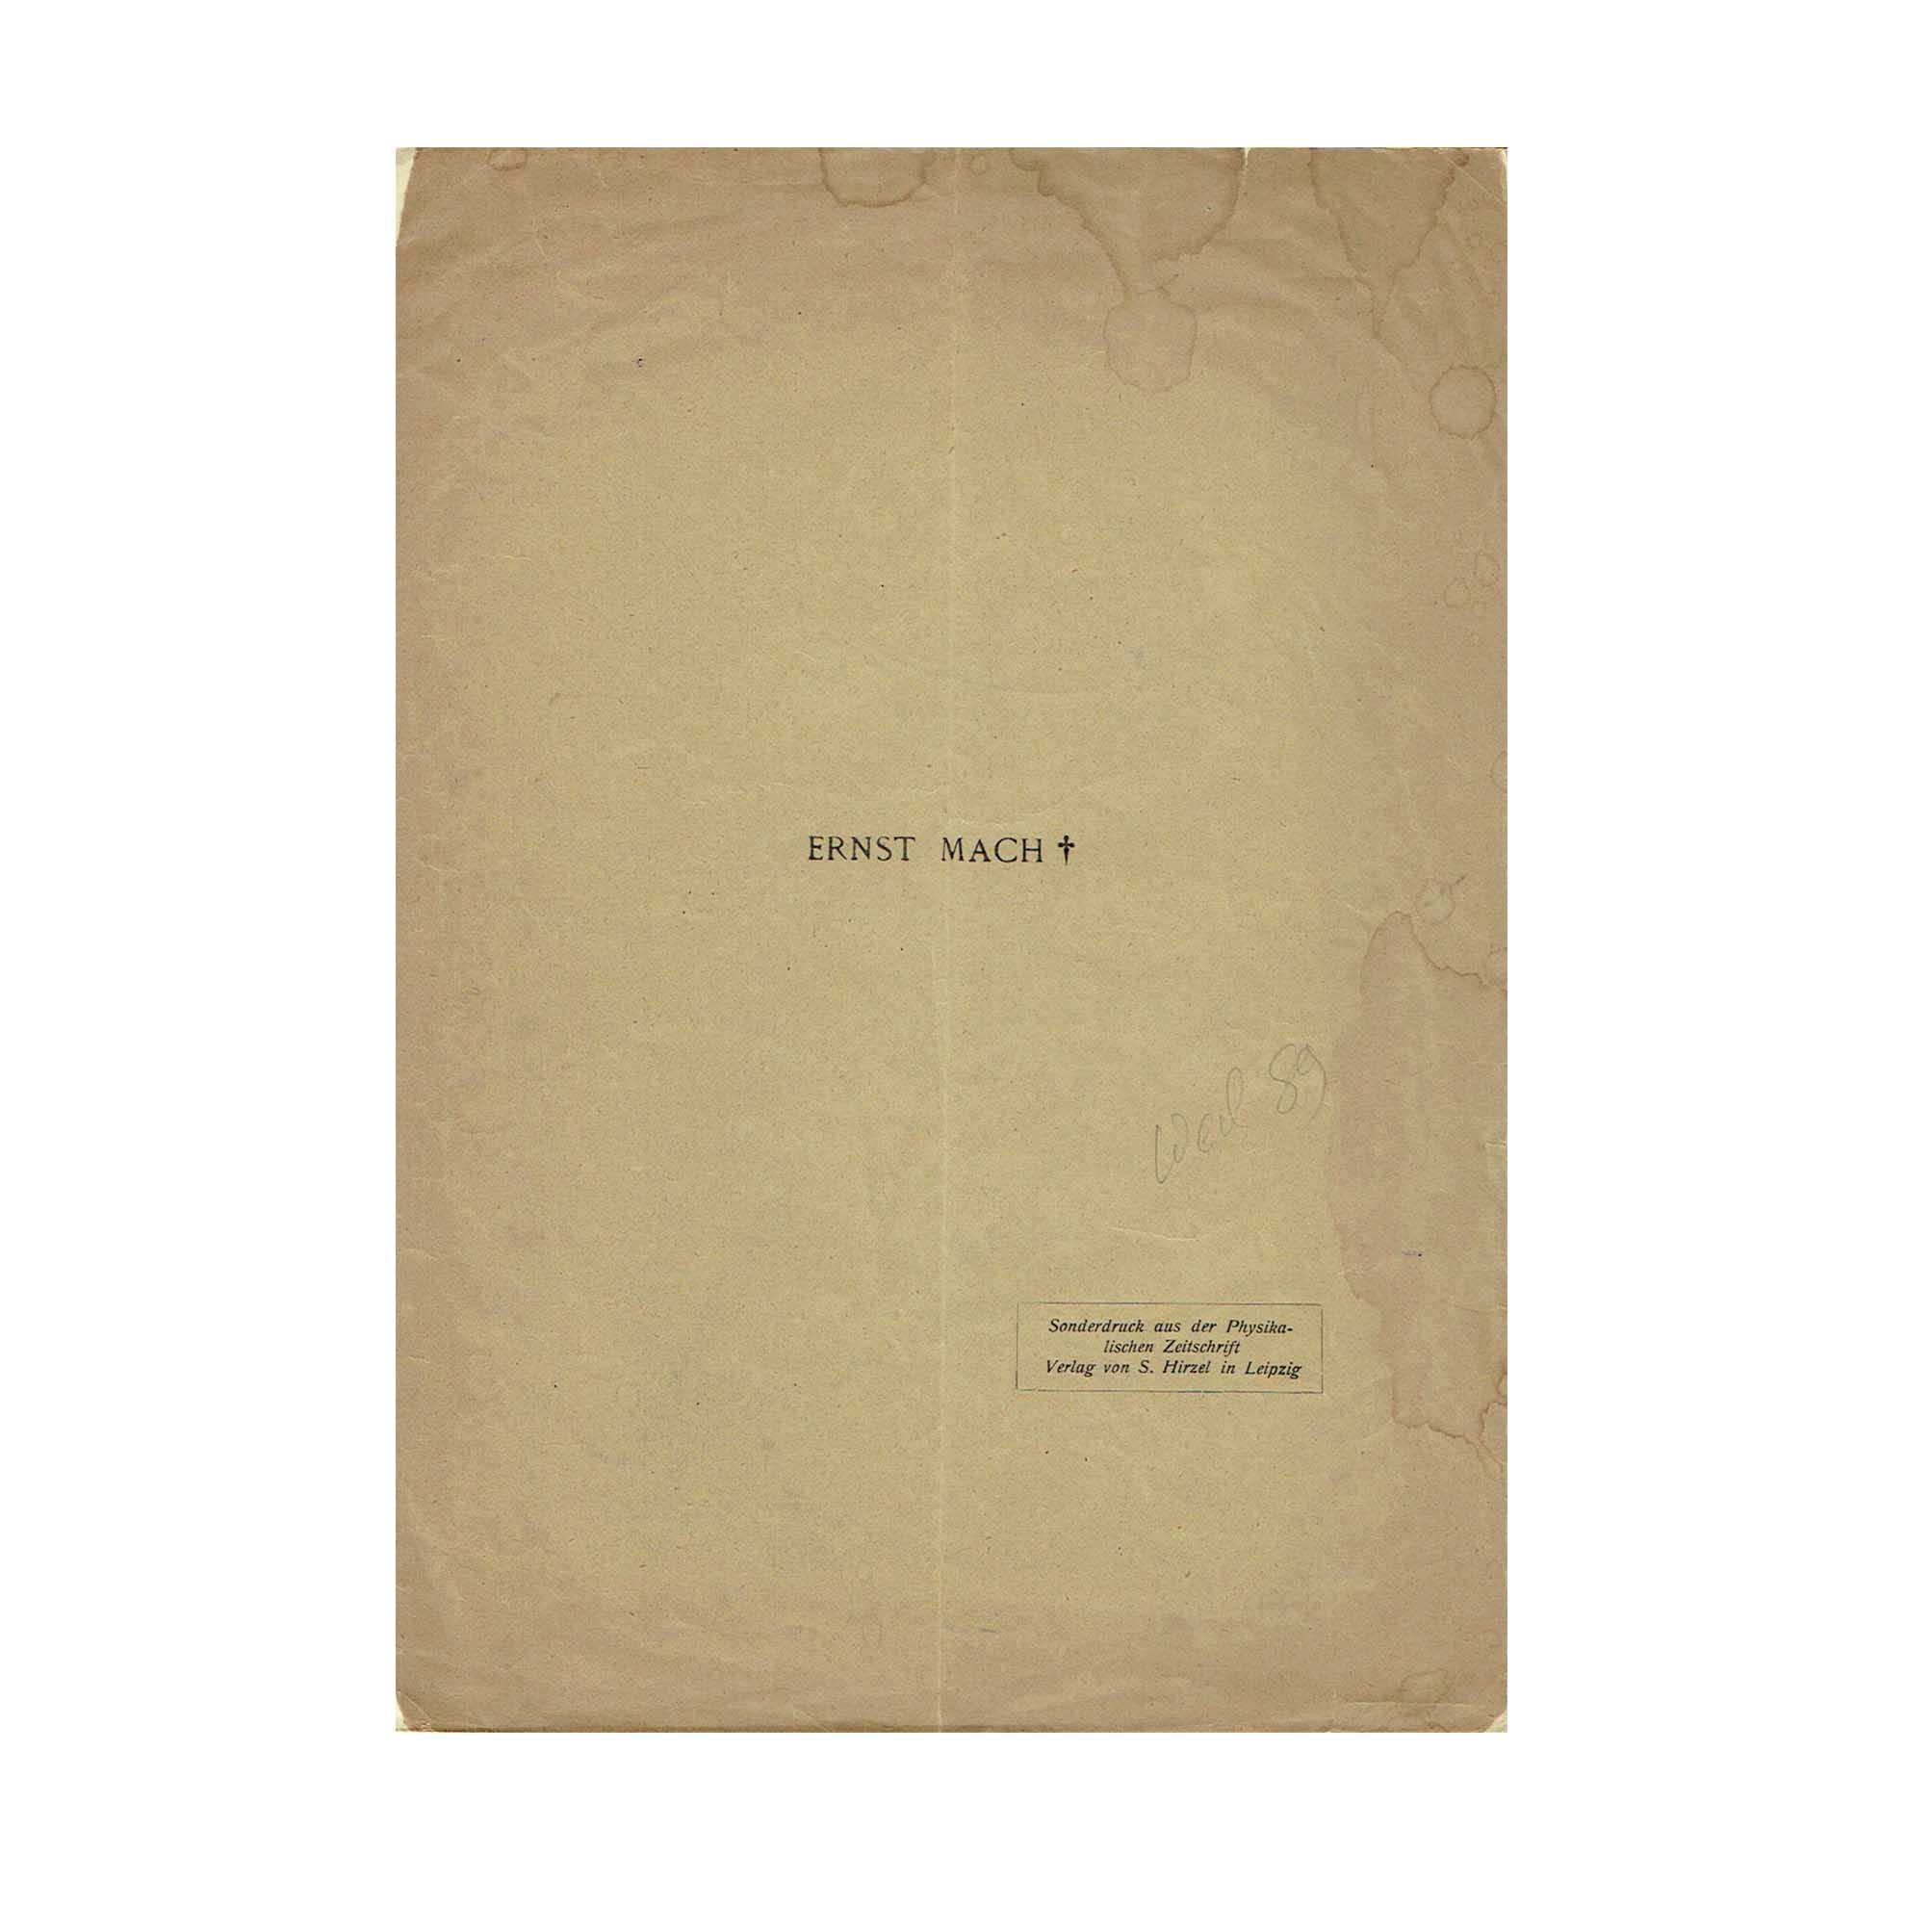 5712-Einstein-Mach-1916-Cover-recto-free-N.jpg